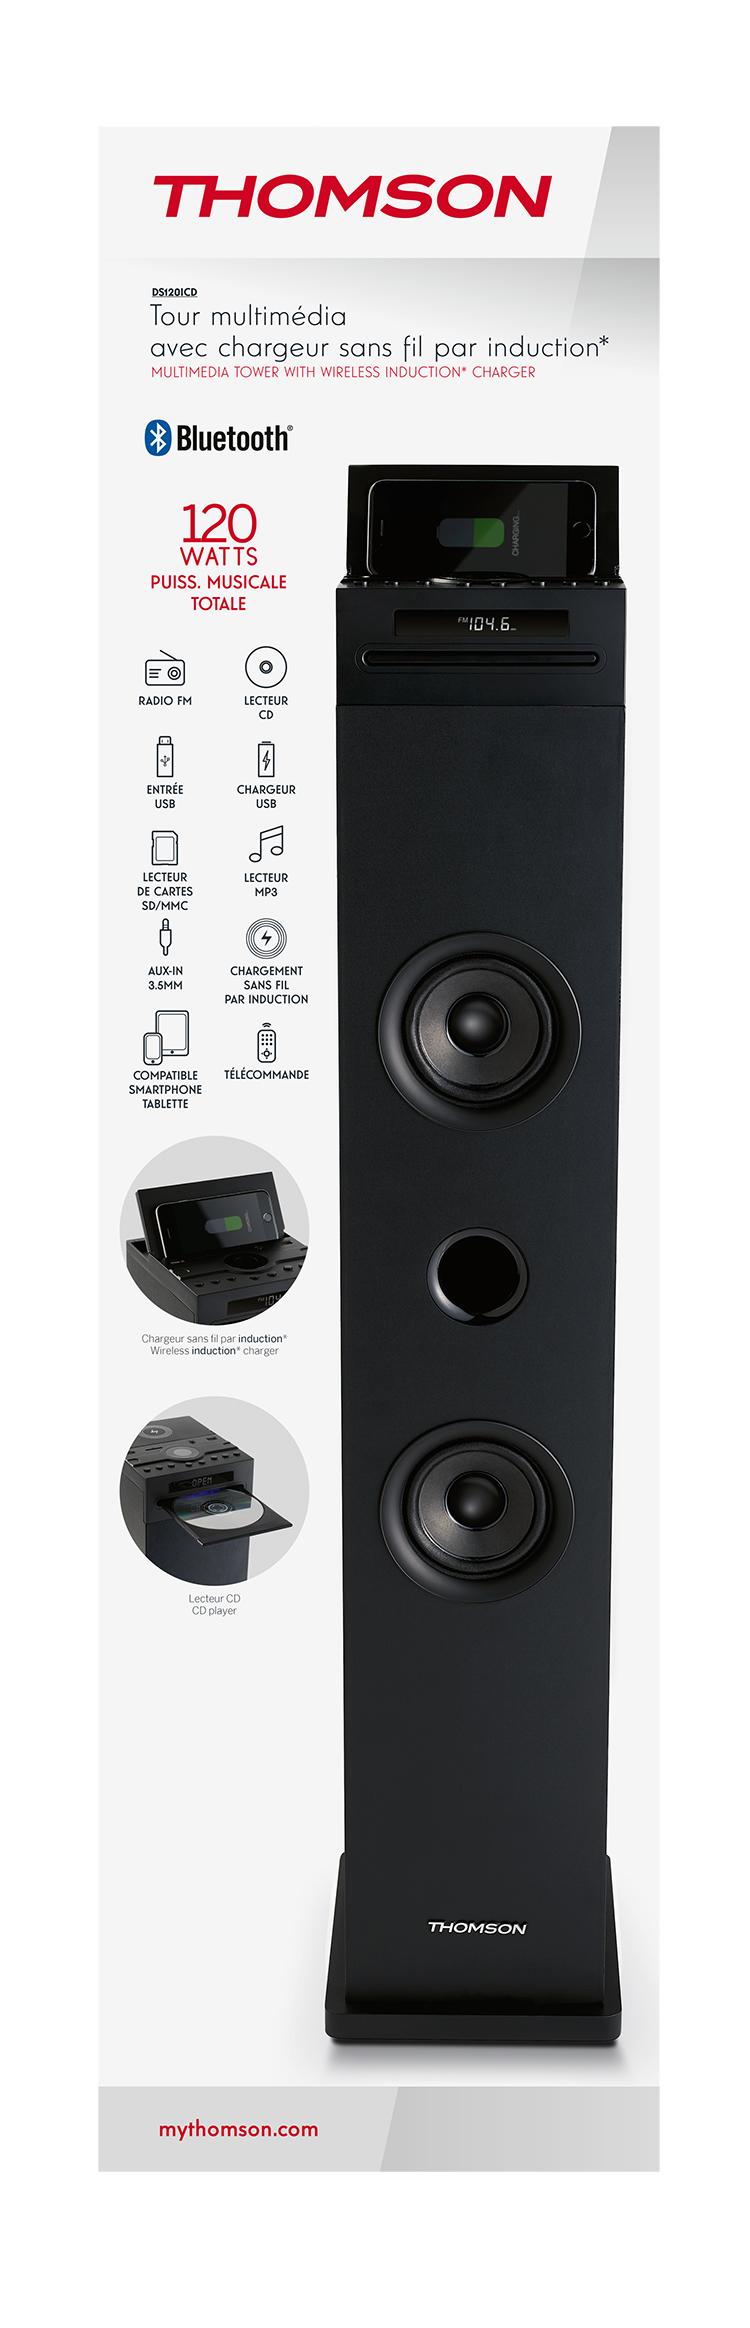 Tour multimédia avec chargeur sans fil DS120ICD THOMSON - Visuel#2tutu#4tutu